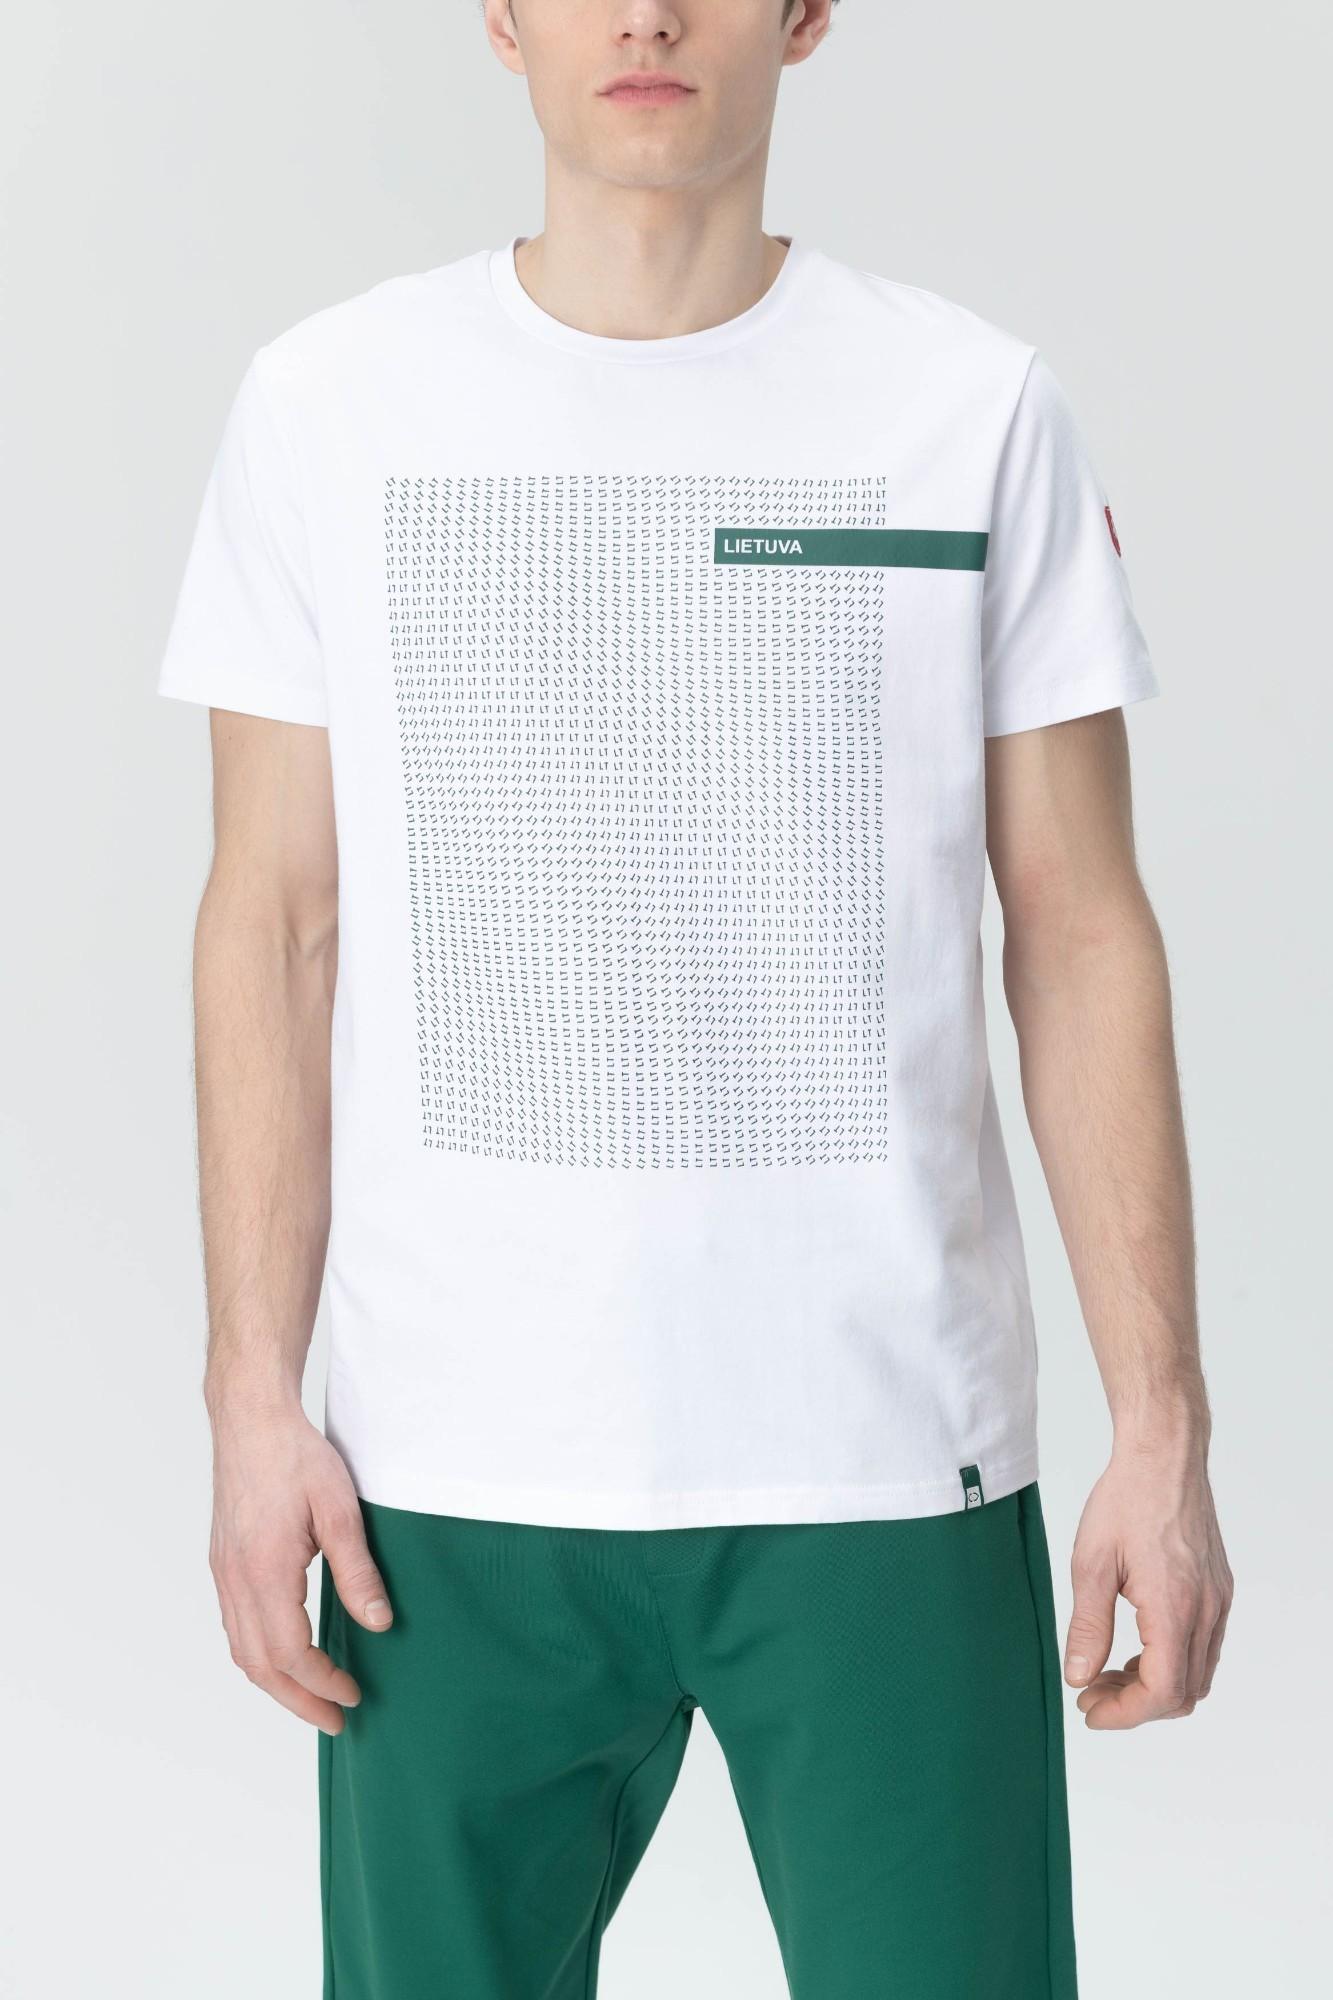 AUDIMAS Marg. medvilniniai marškinėliai 20LT-403 White Lt S